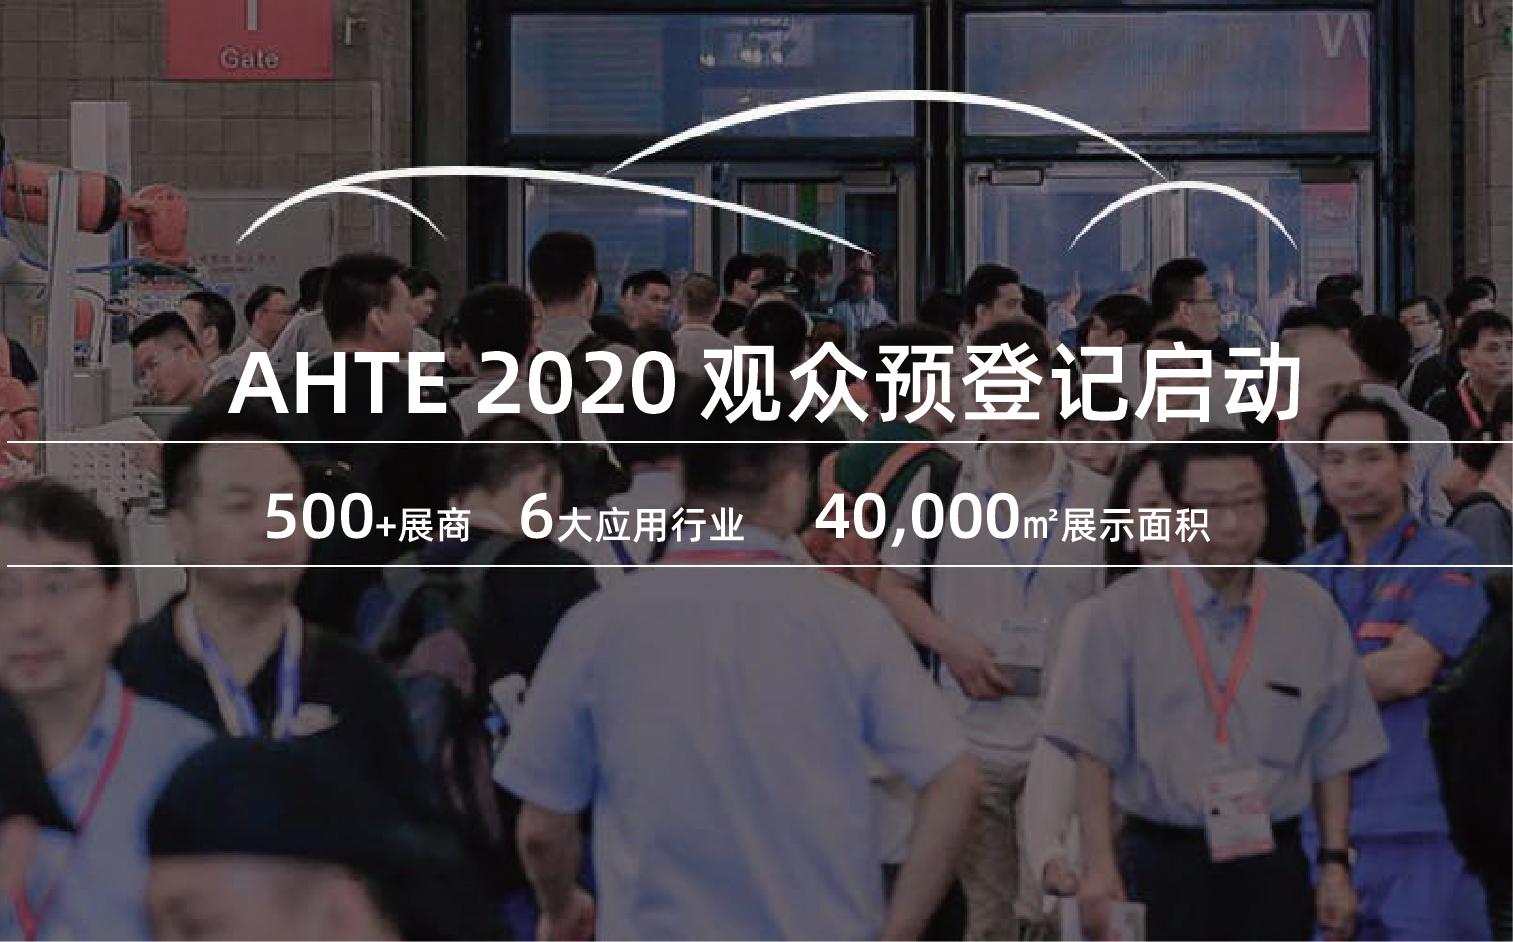 AHTE 2020观众预登记正式开启 | 一键预登记可免费观展